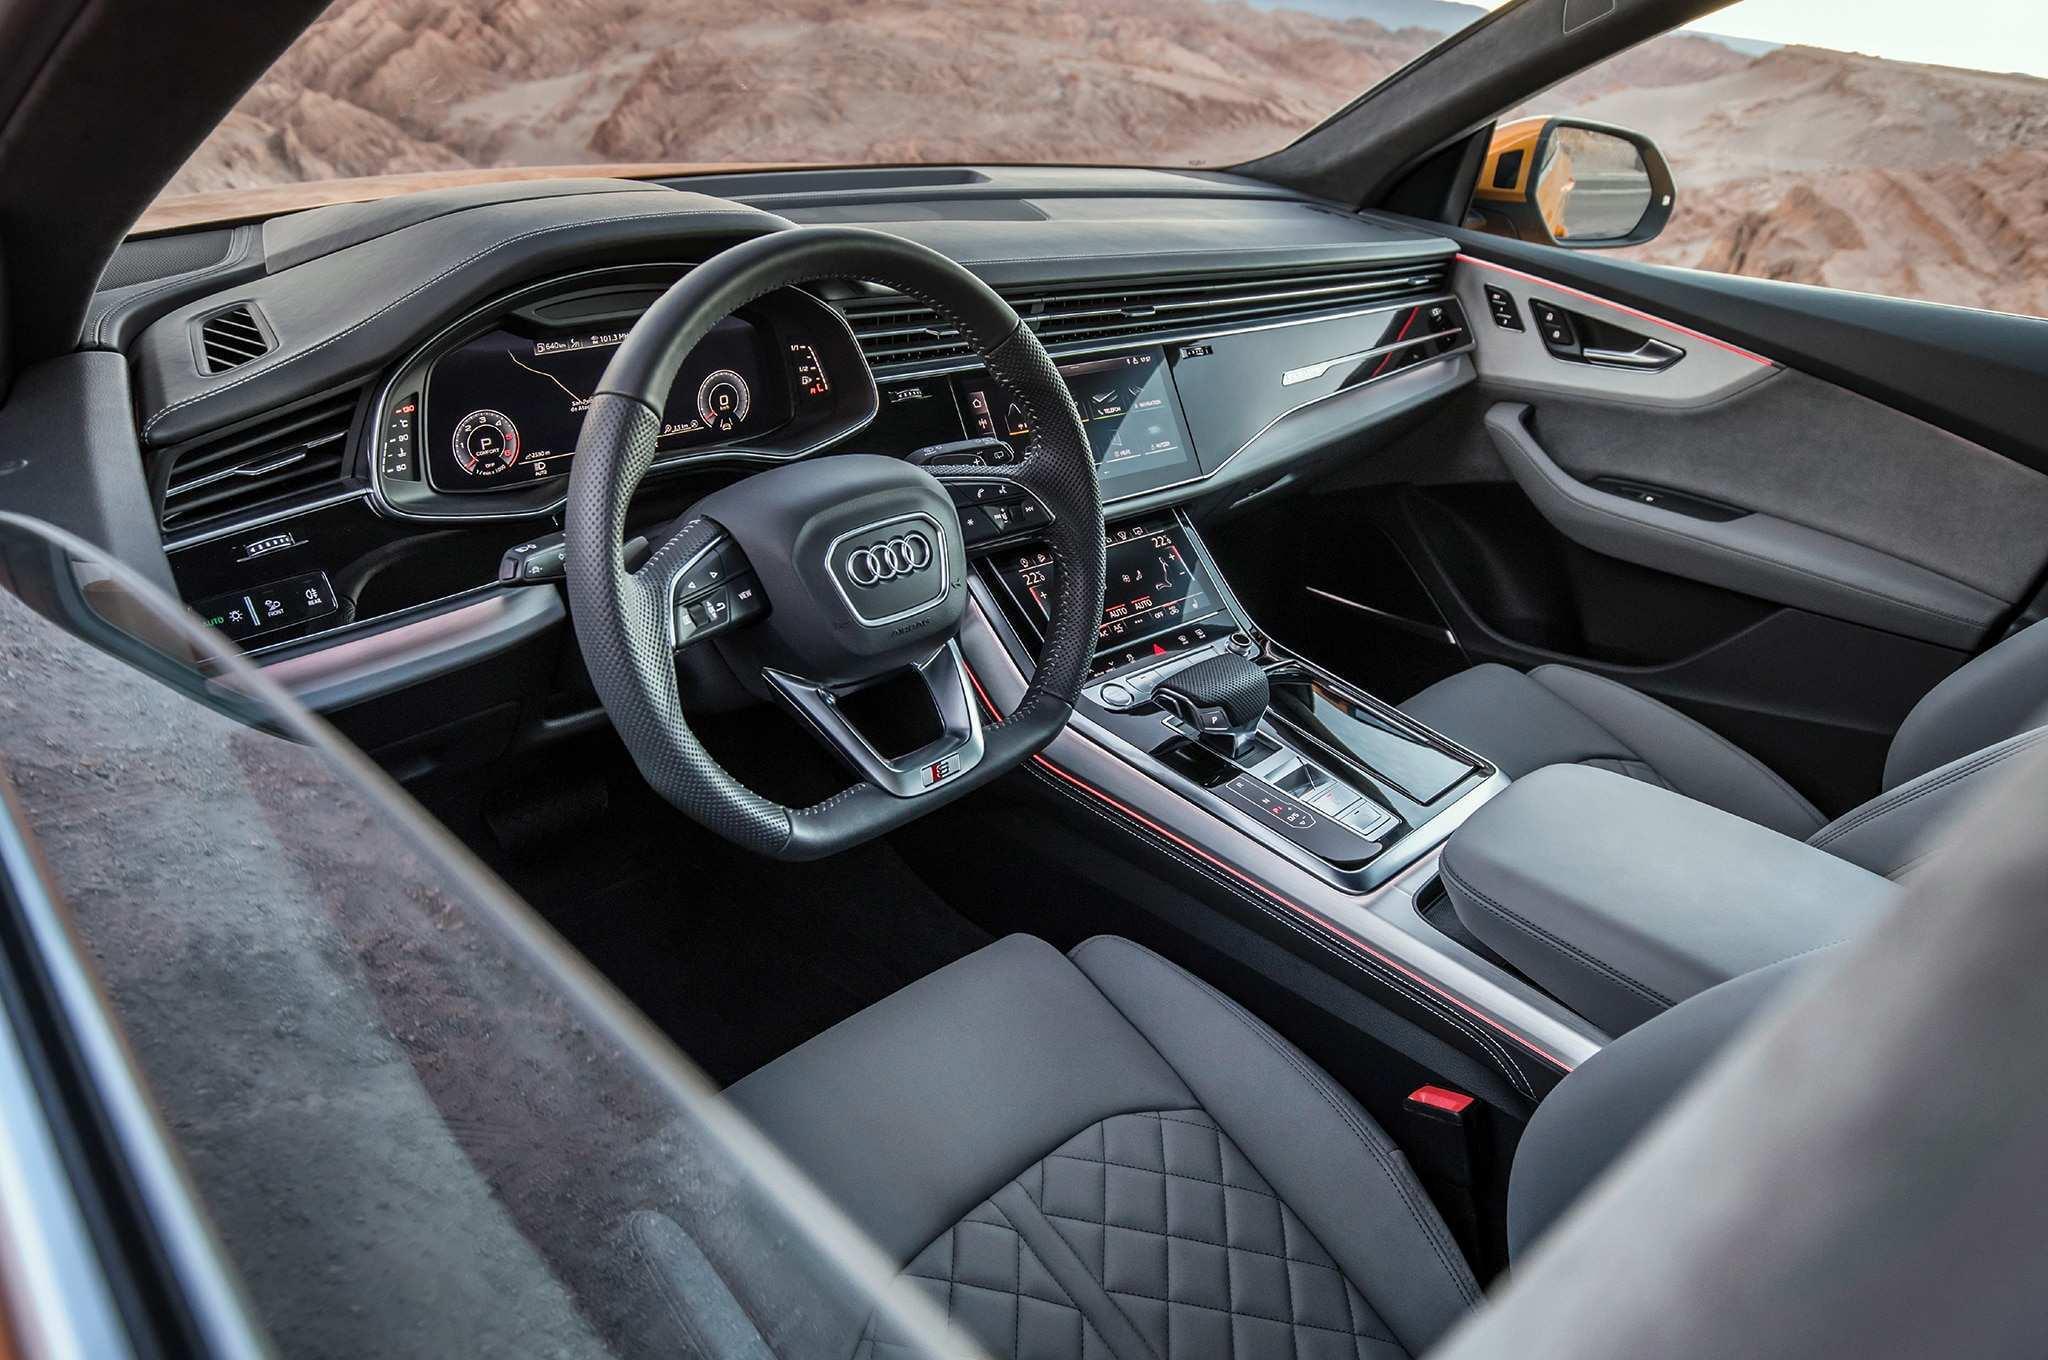 27 Gallery of 2019 Audi Phev Price with 2019 Audi Phev